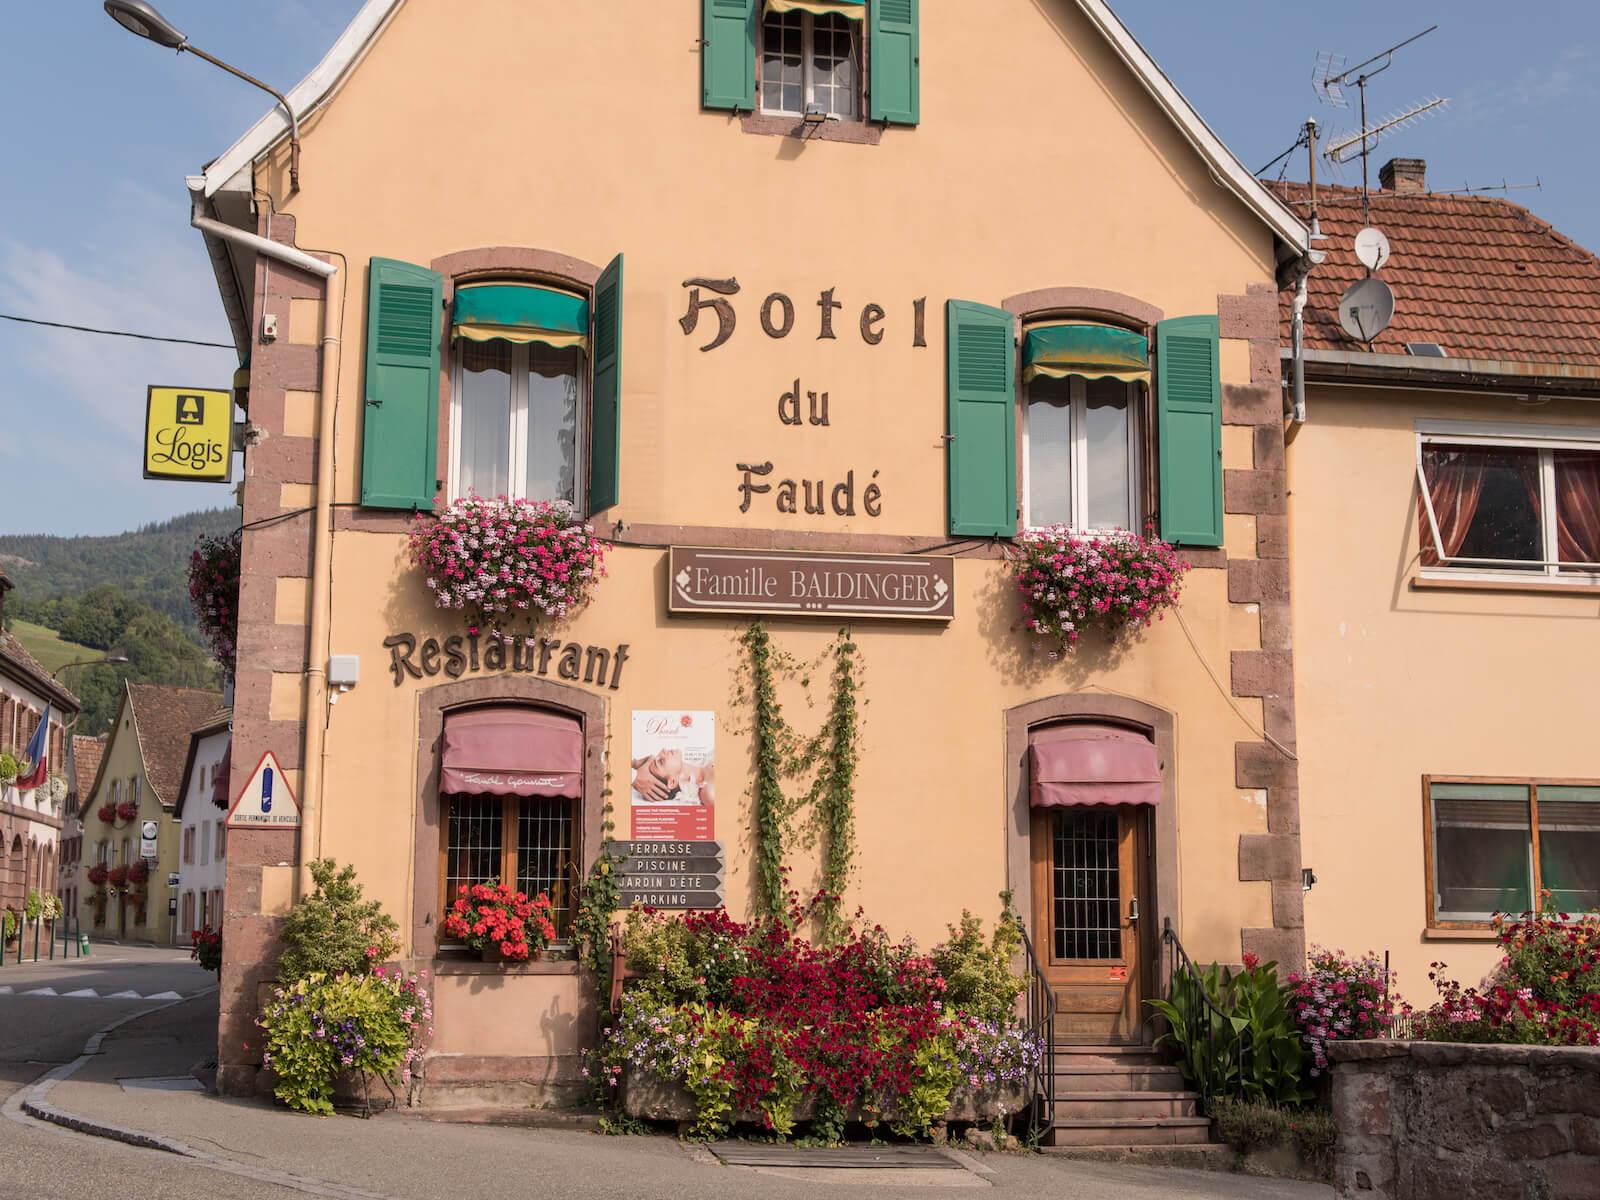 Hotel du Faudé